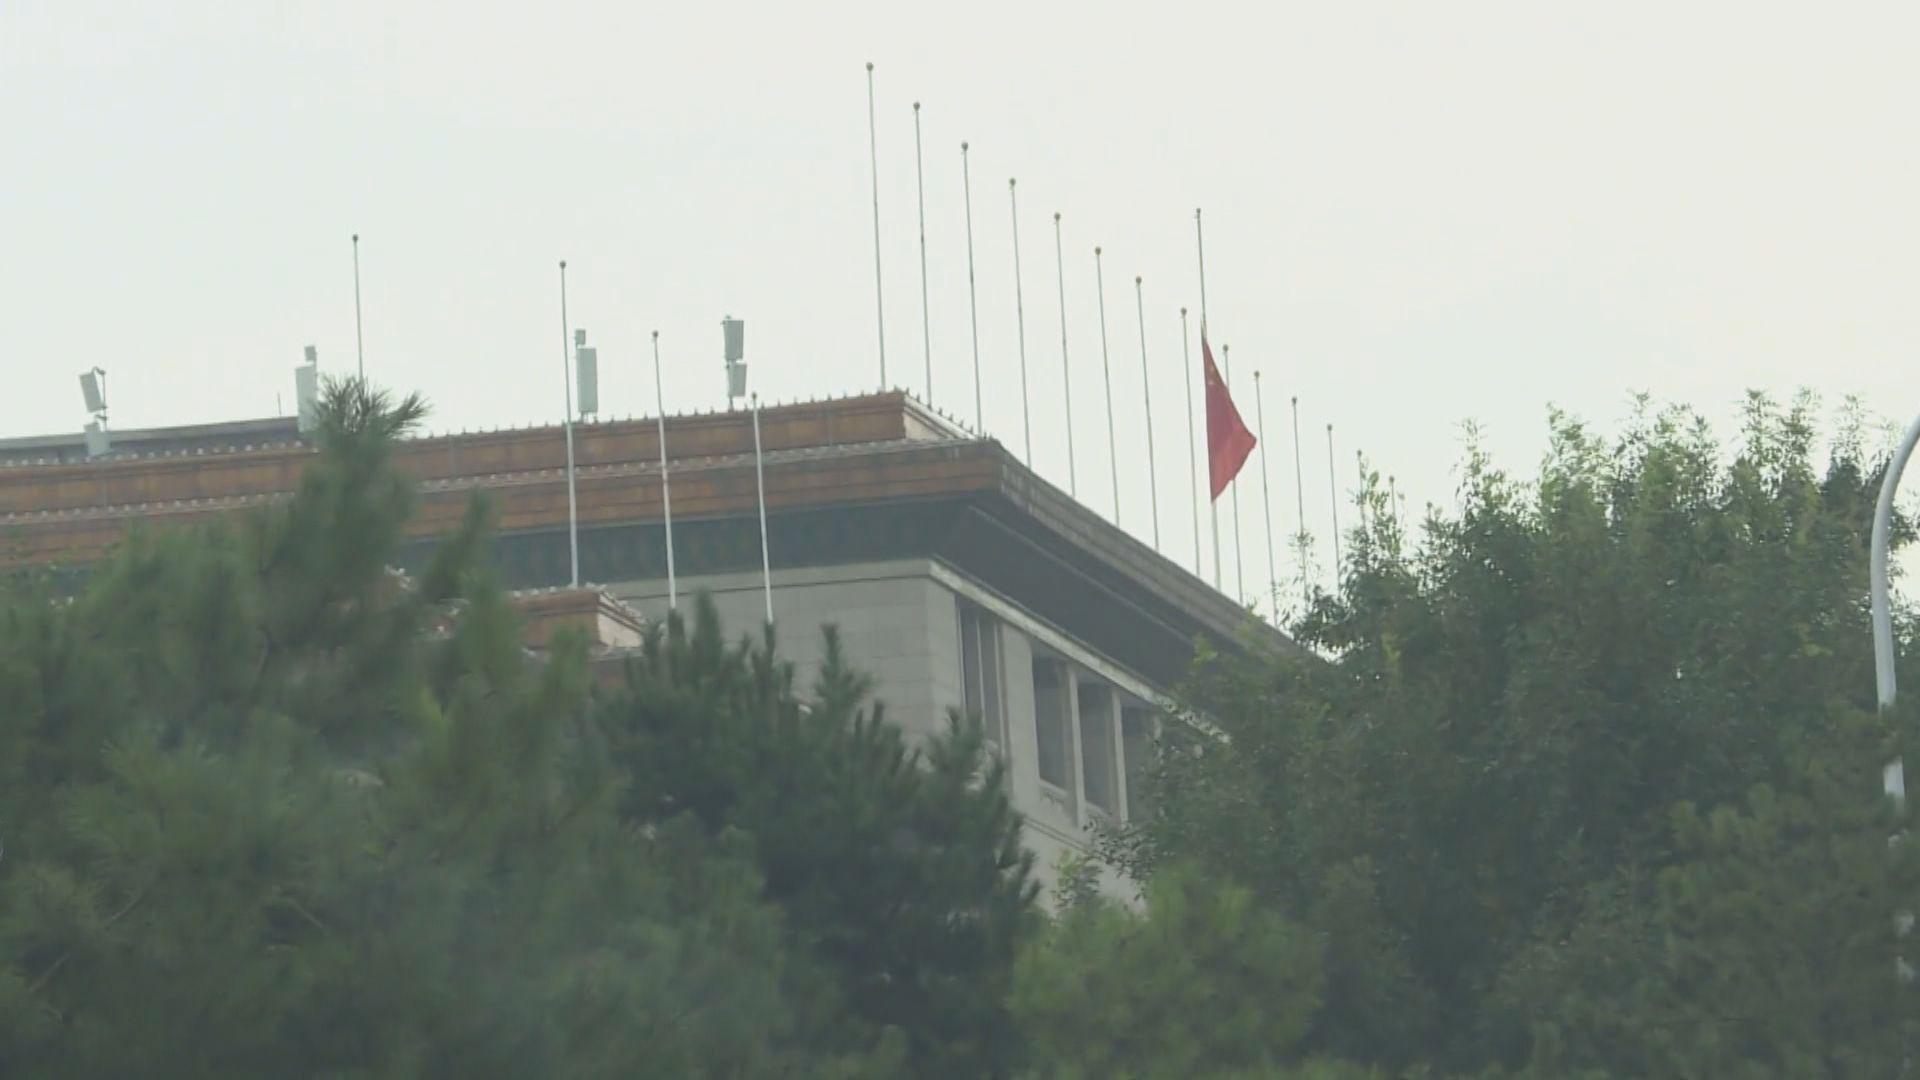 李鵬逝世 北京及香港均下半旗誌哀